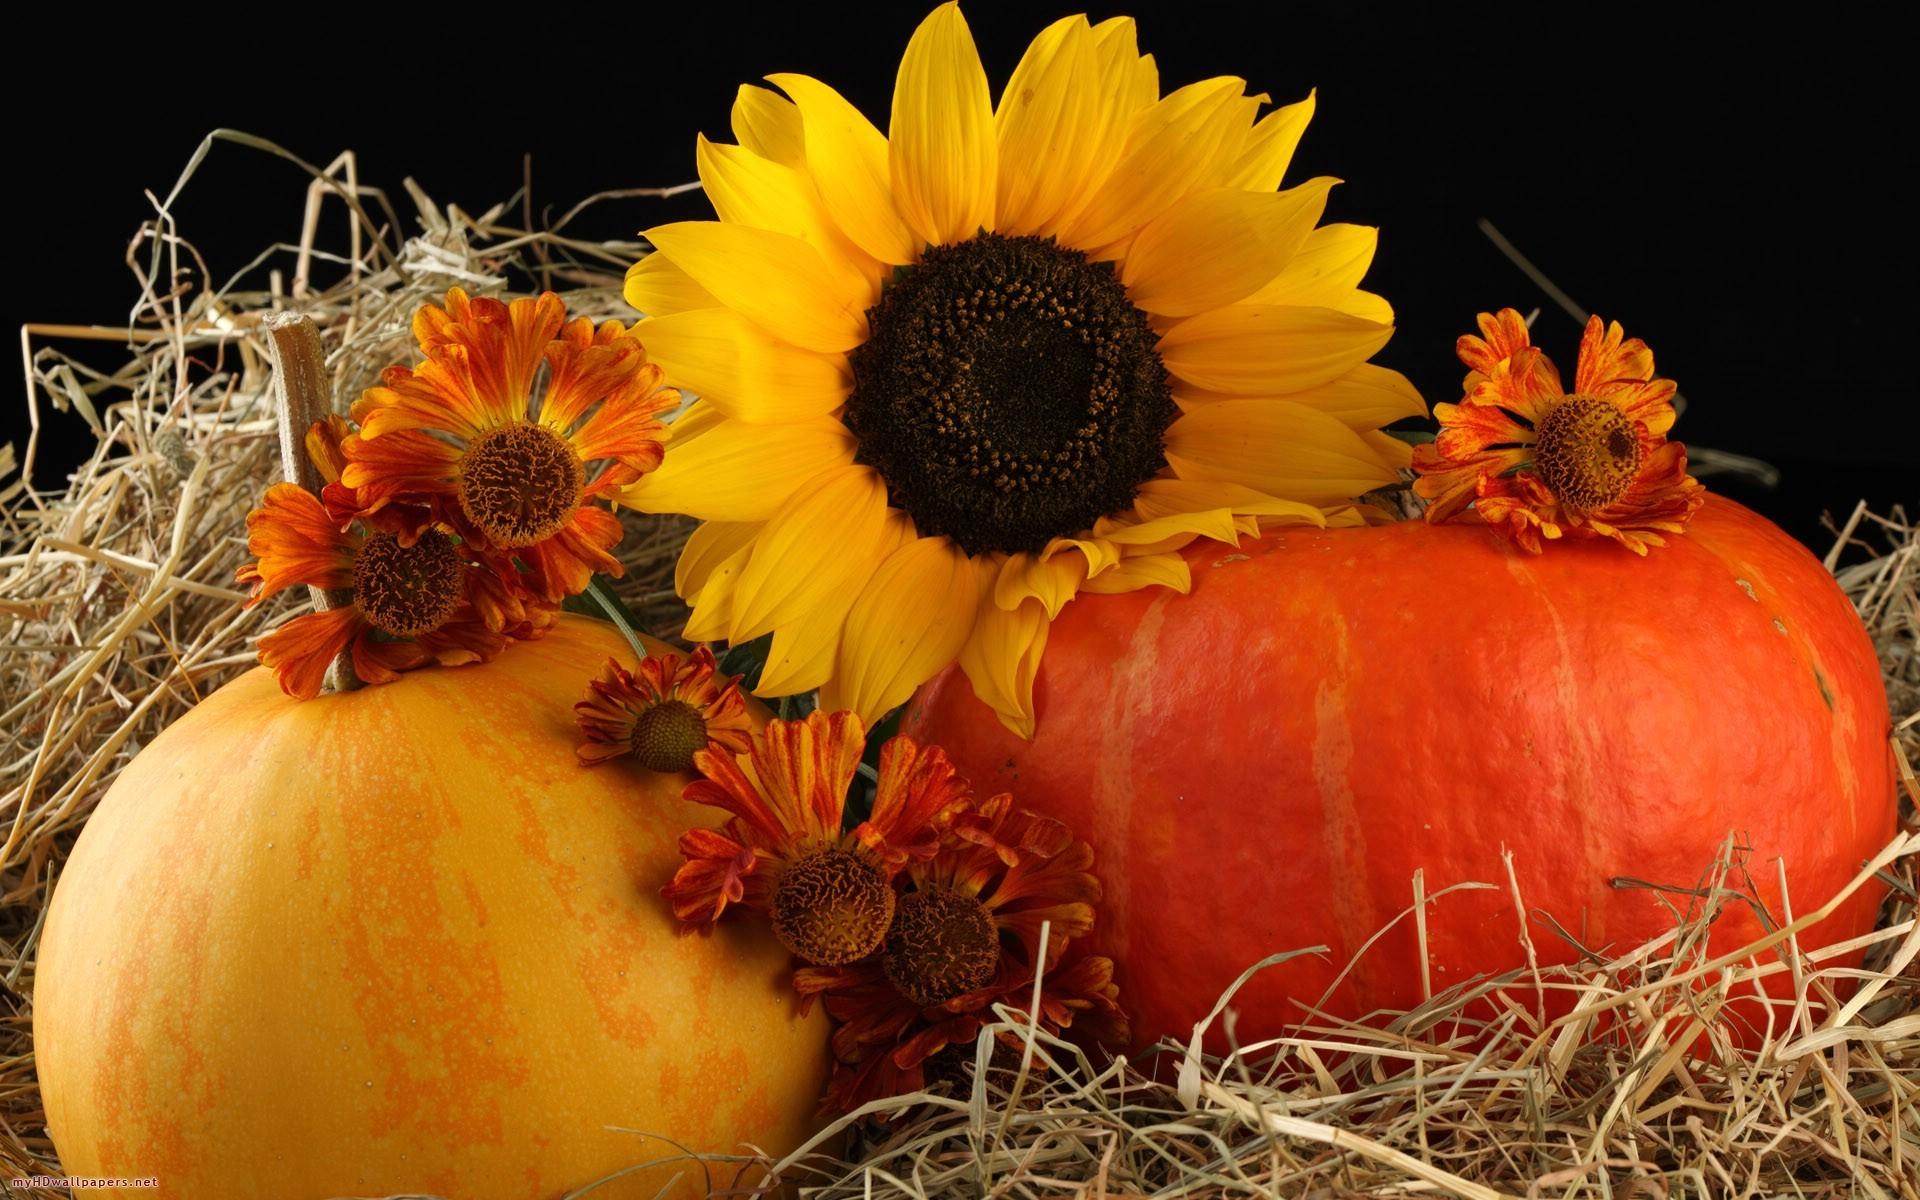 -wallpapers.feedio.net/sunflower-chain-hd-desktop-mobile